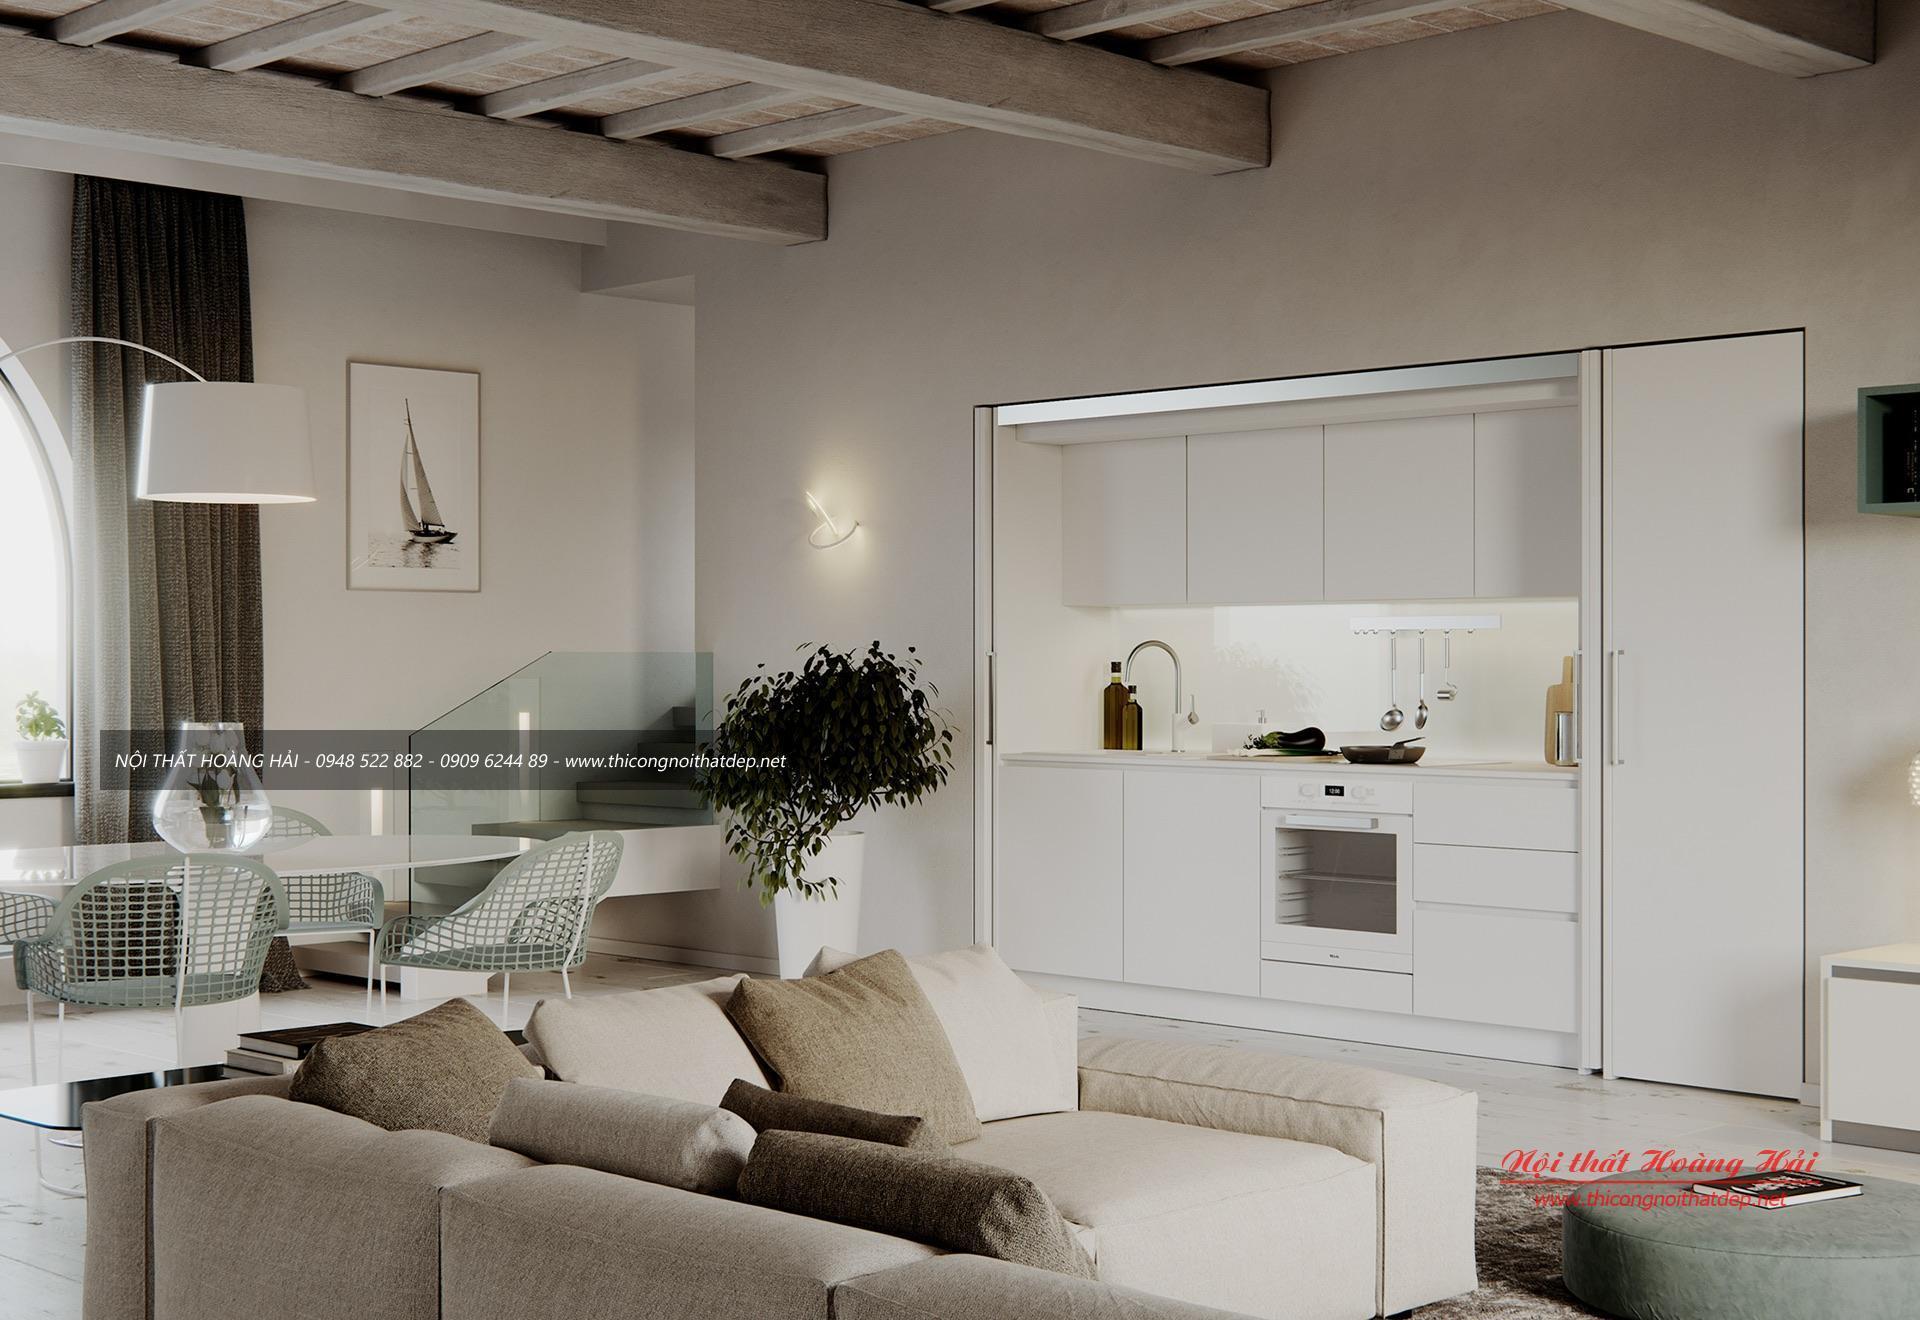 Mẫu tủ bếp hiện đại màu trắng